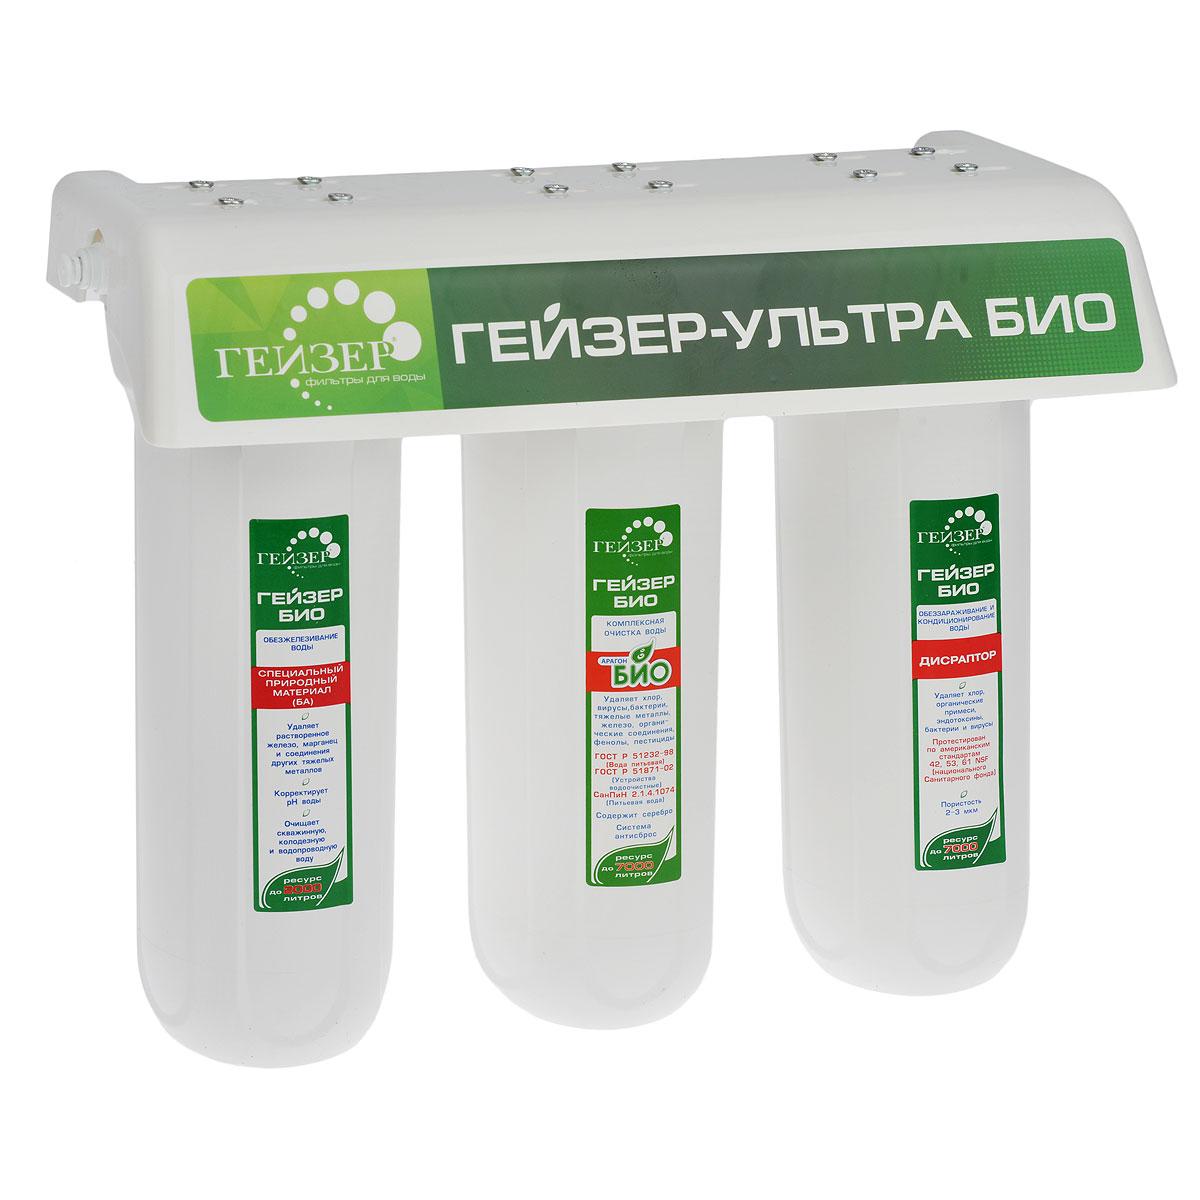 Фильтр для очистки воды с повышенным содержанием железа Гейзер